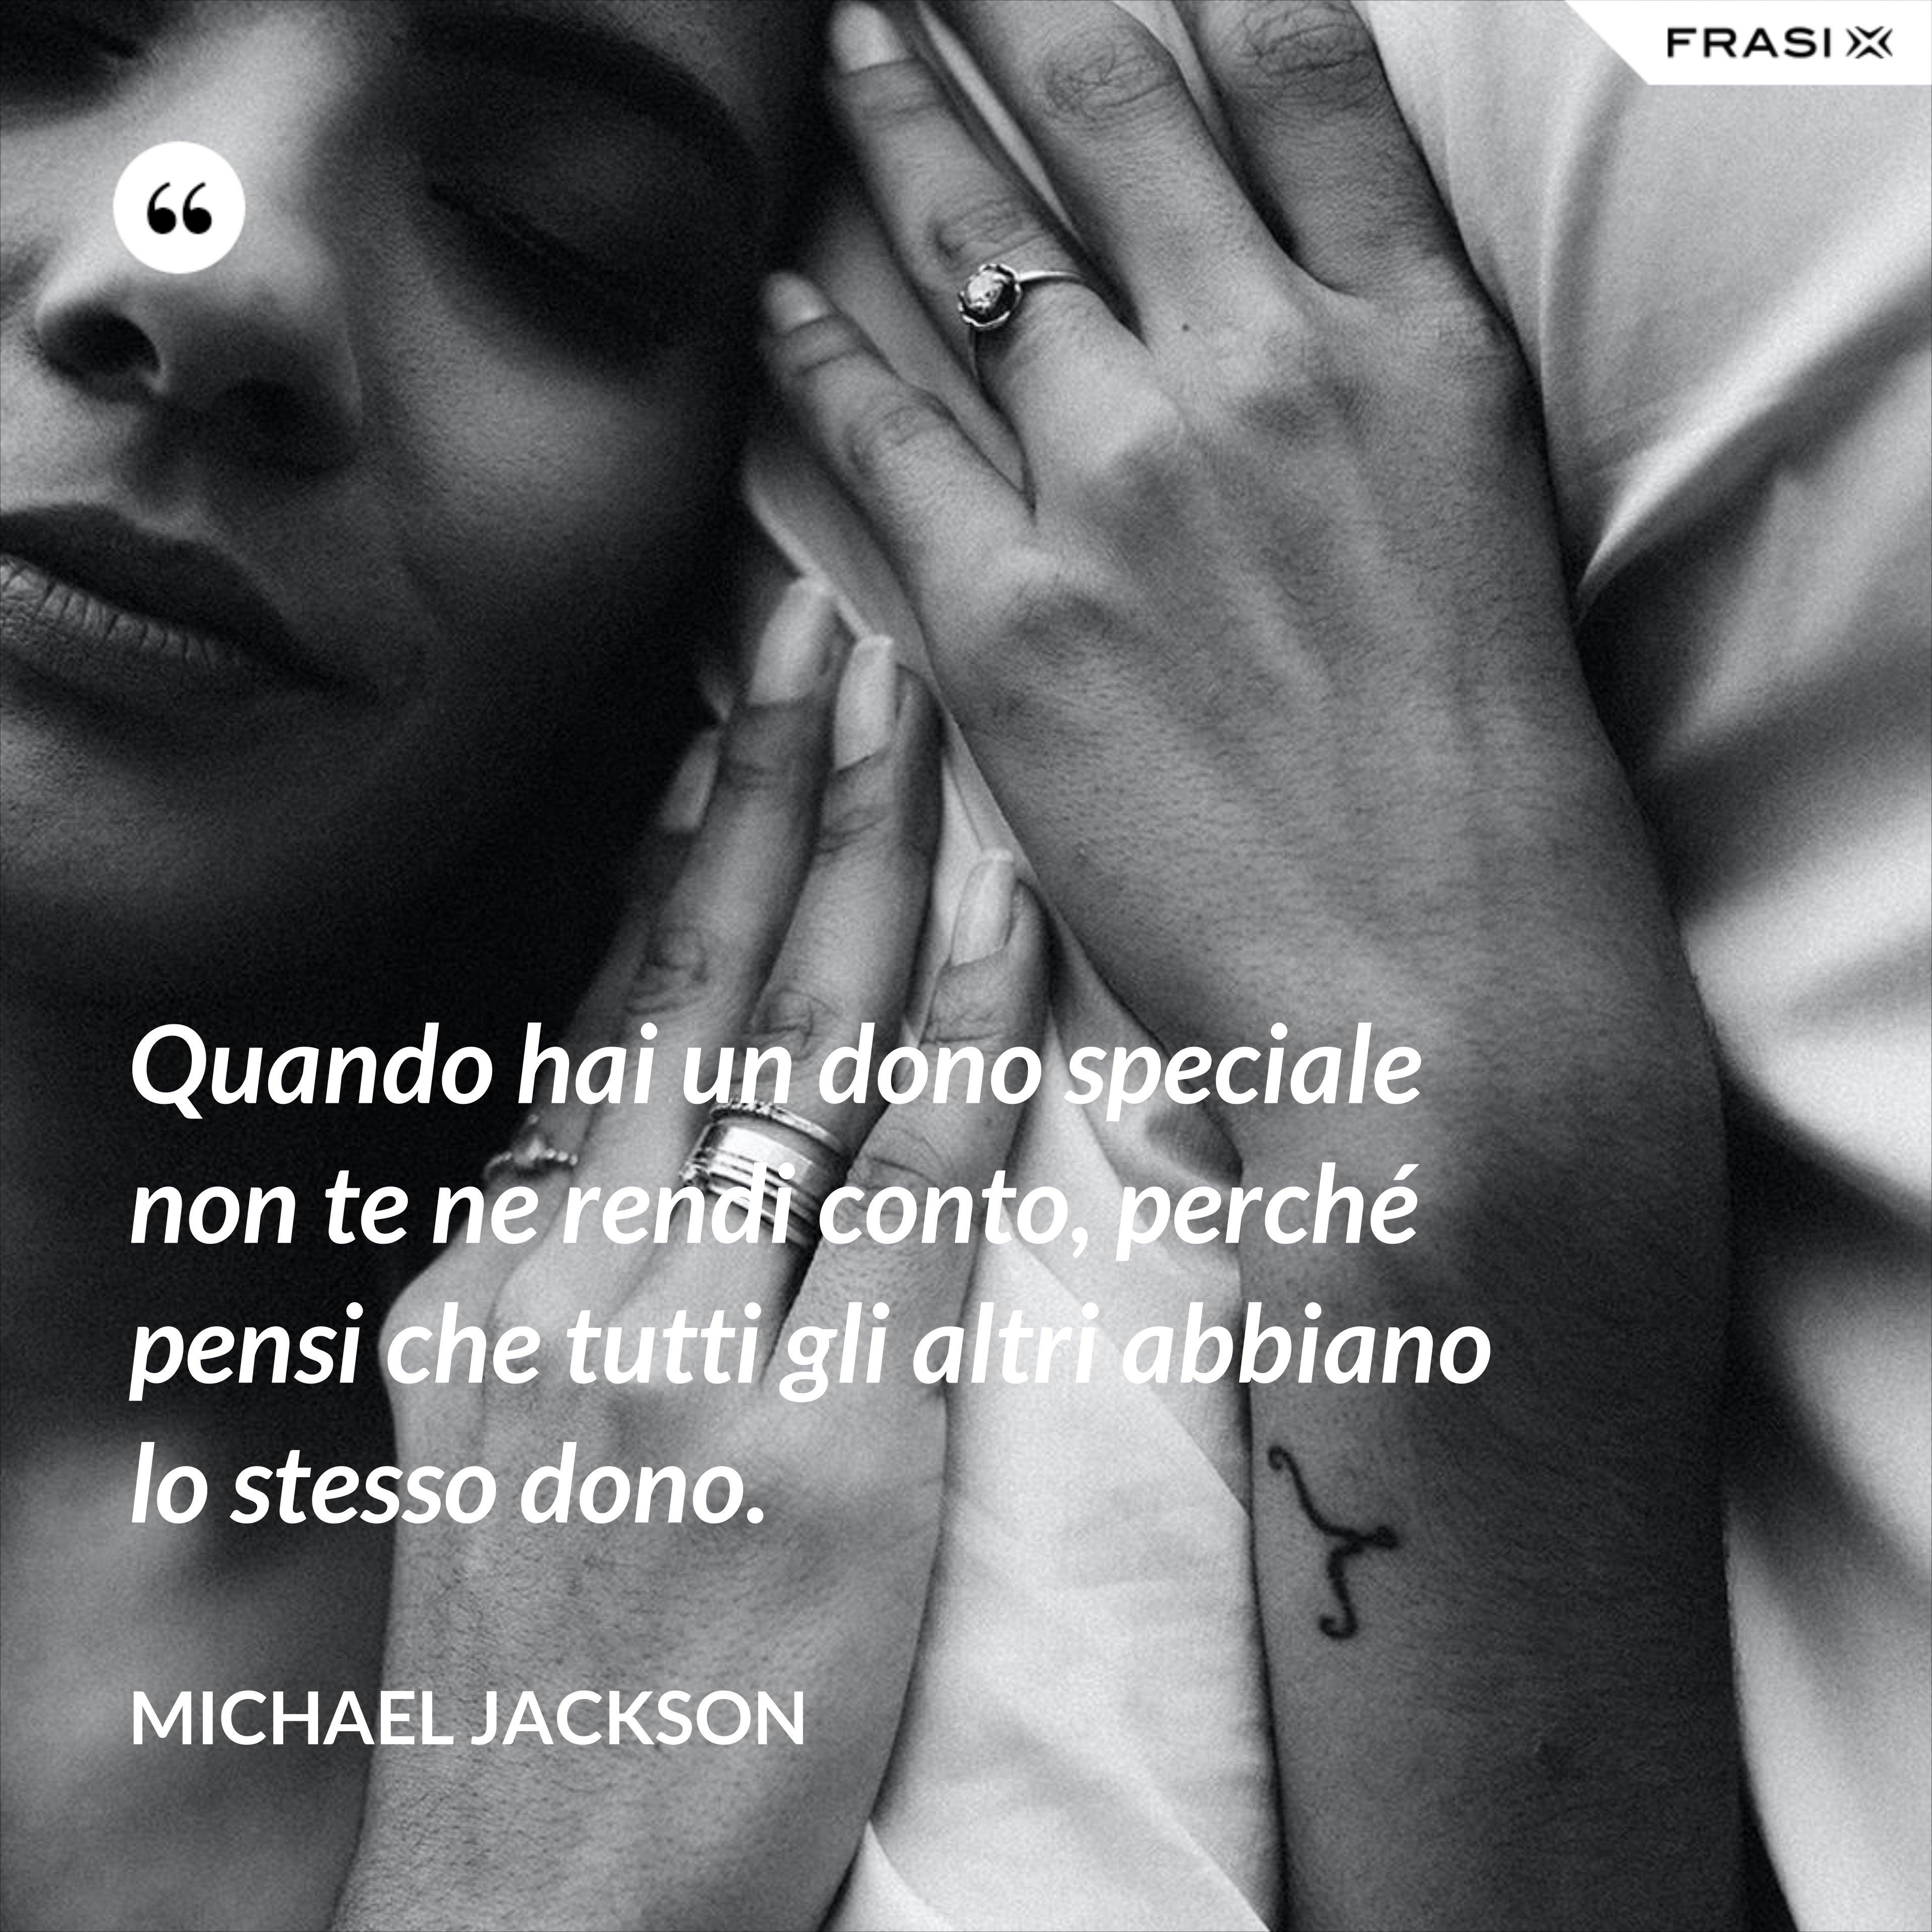 Quando hai un dono speciale non te ne rendi conto, perché pensi che tutti gli altri abbiano lo stesso dono. - Michael Jackson